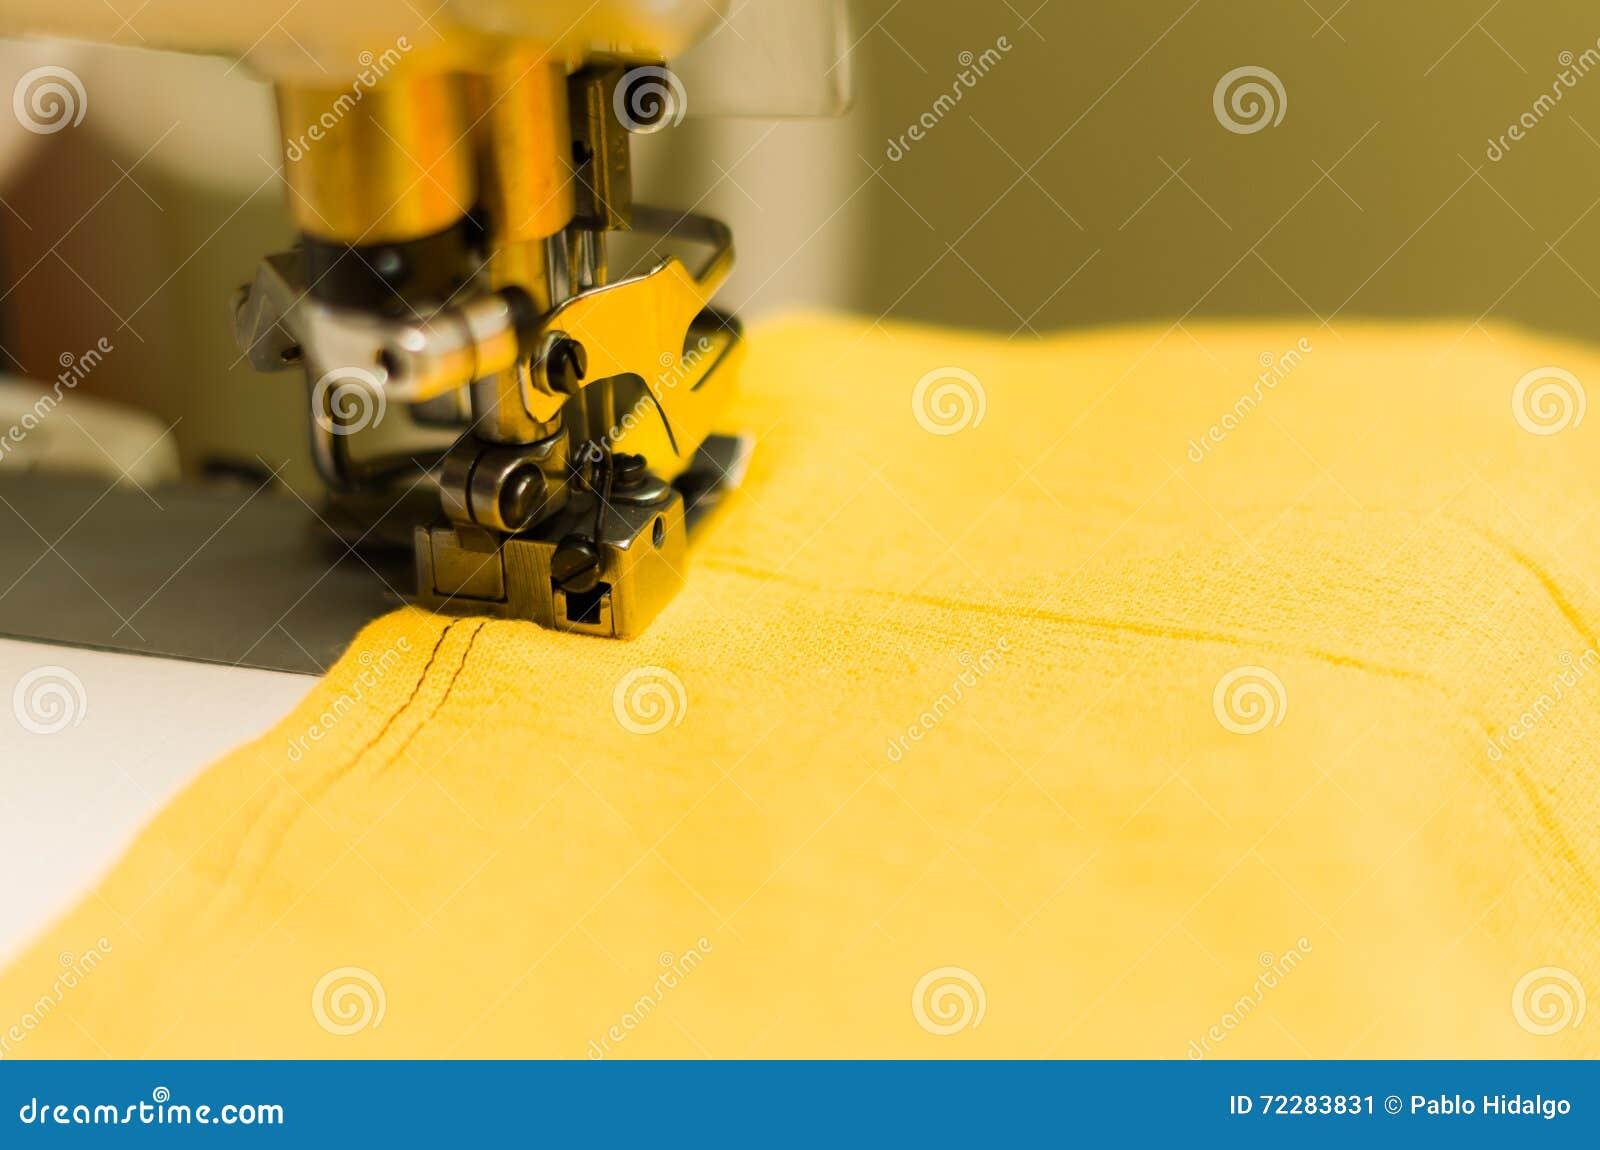 Download Закройте вверх швейной машины, желтой ткани с черным потоком Стоковое Изображение - изображение насчитывающей машины, продукция: 72283831